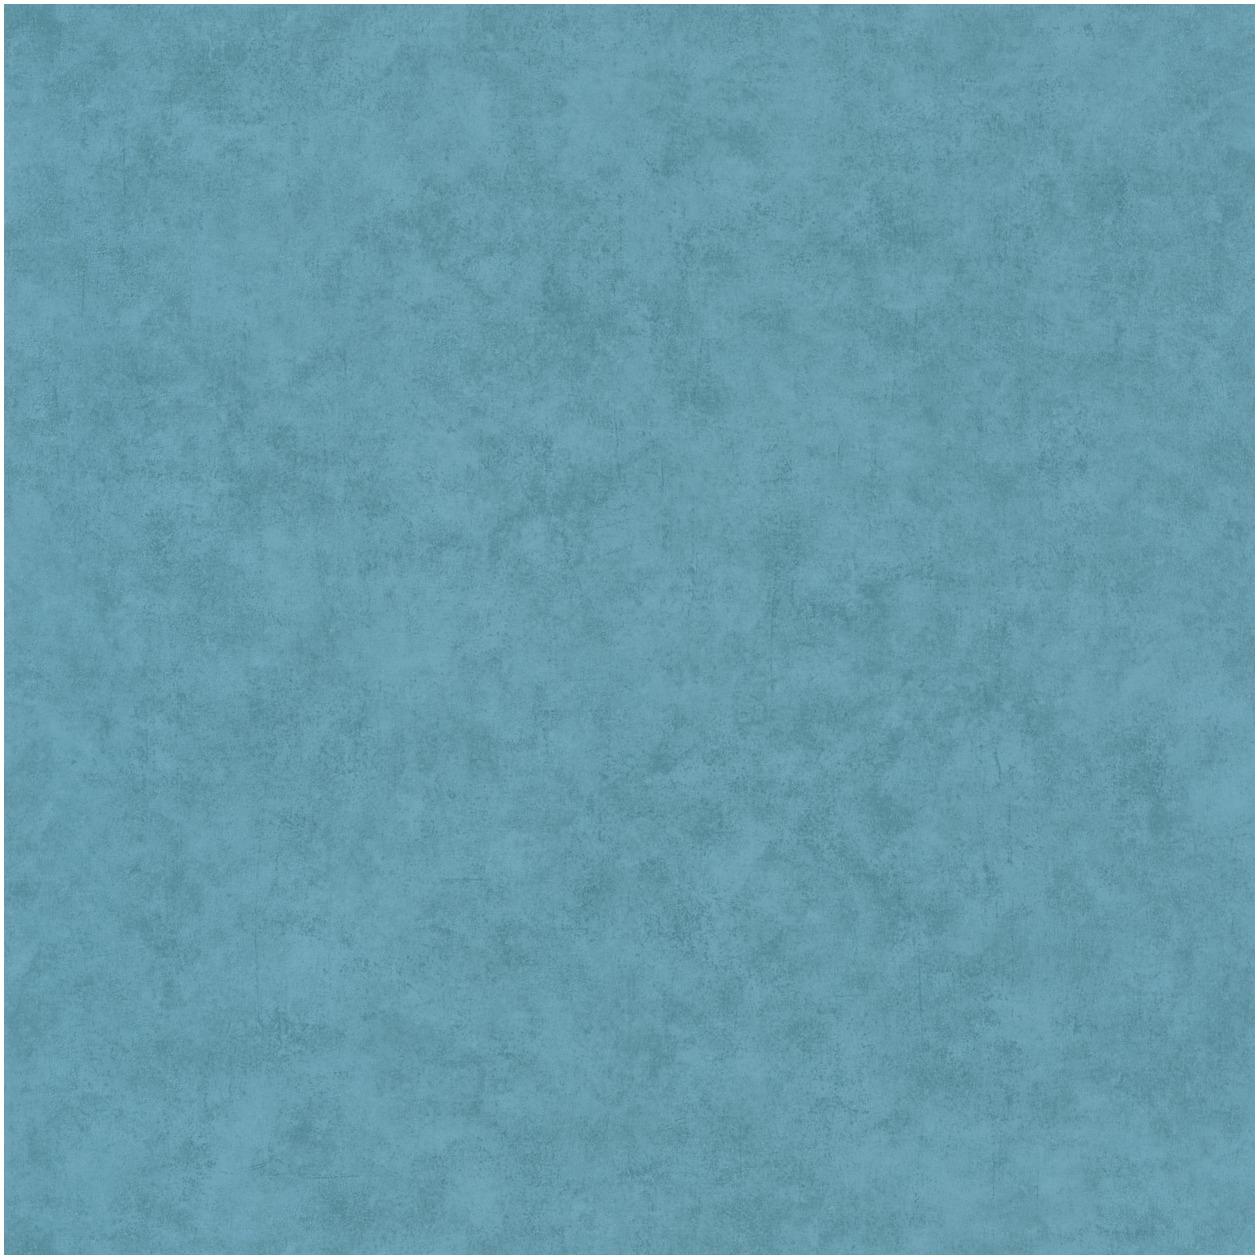 Обои Caselio Beton 0,53 см. 101486123